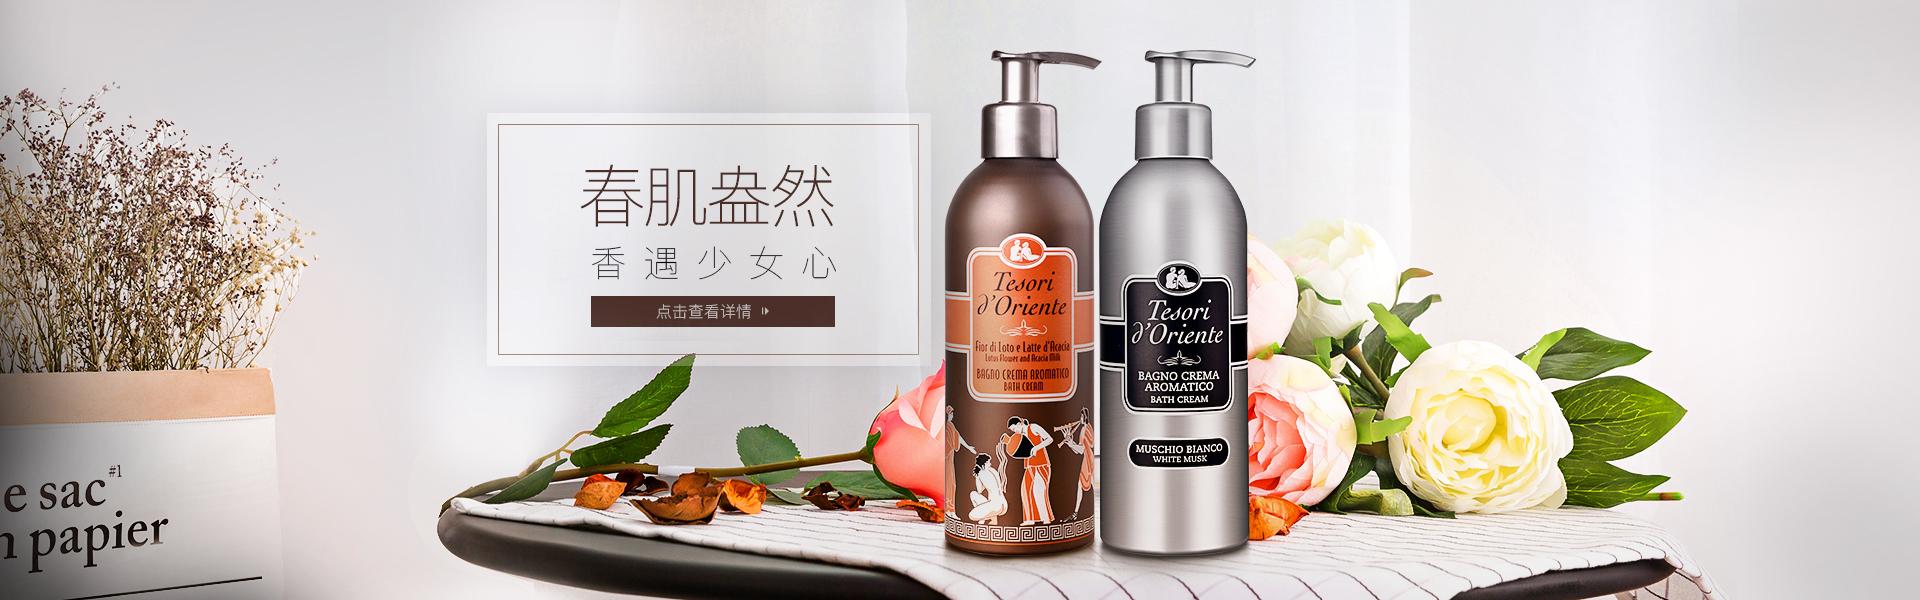 东方宝石沐浴露和身体乳相关产品图之春肌盎然 香与少女心介绍